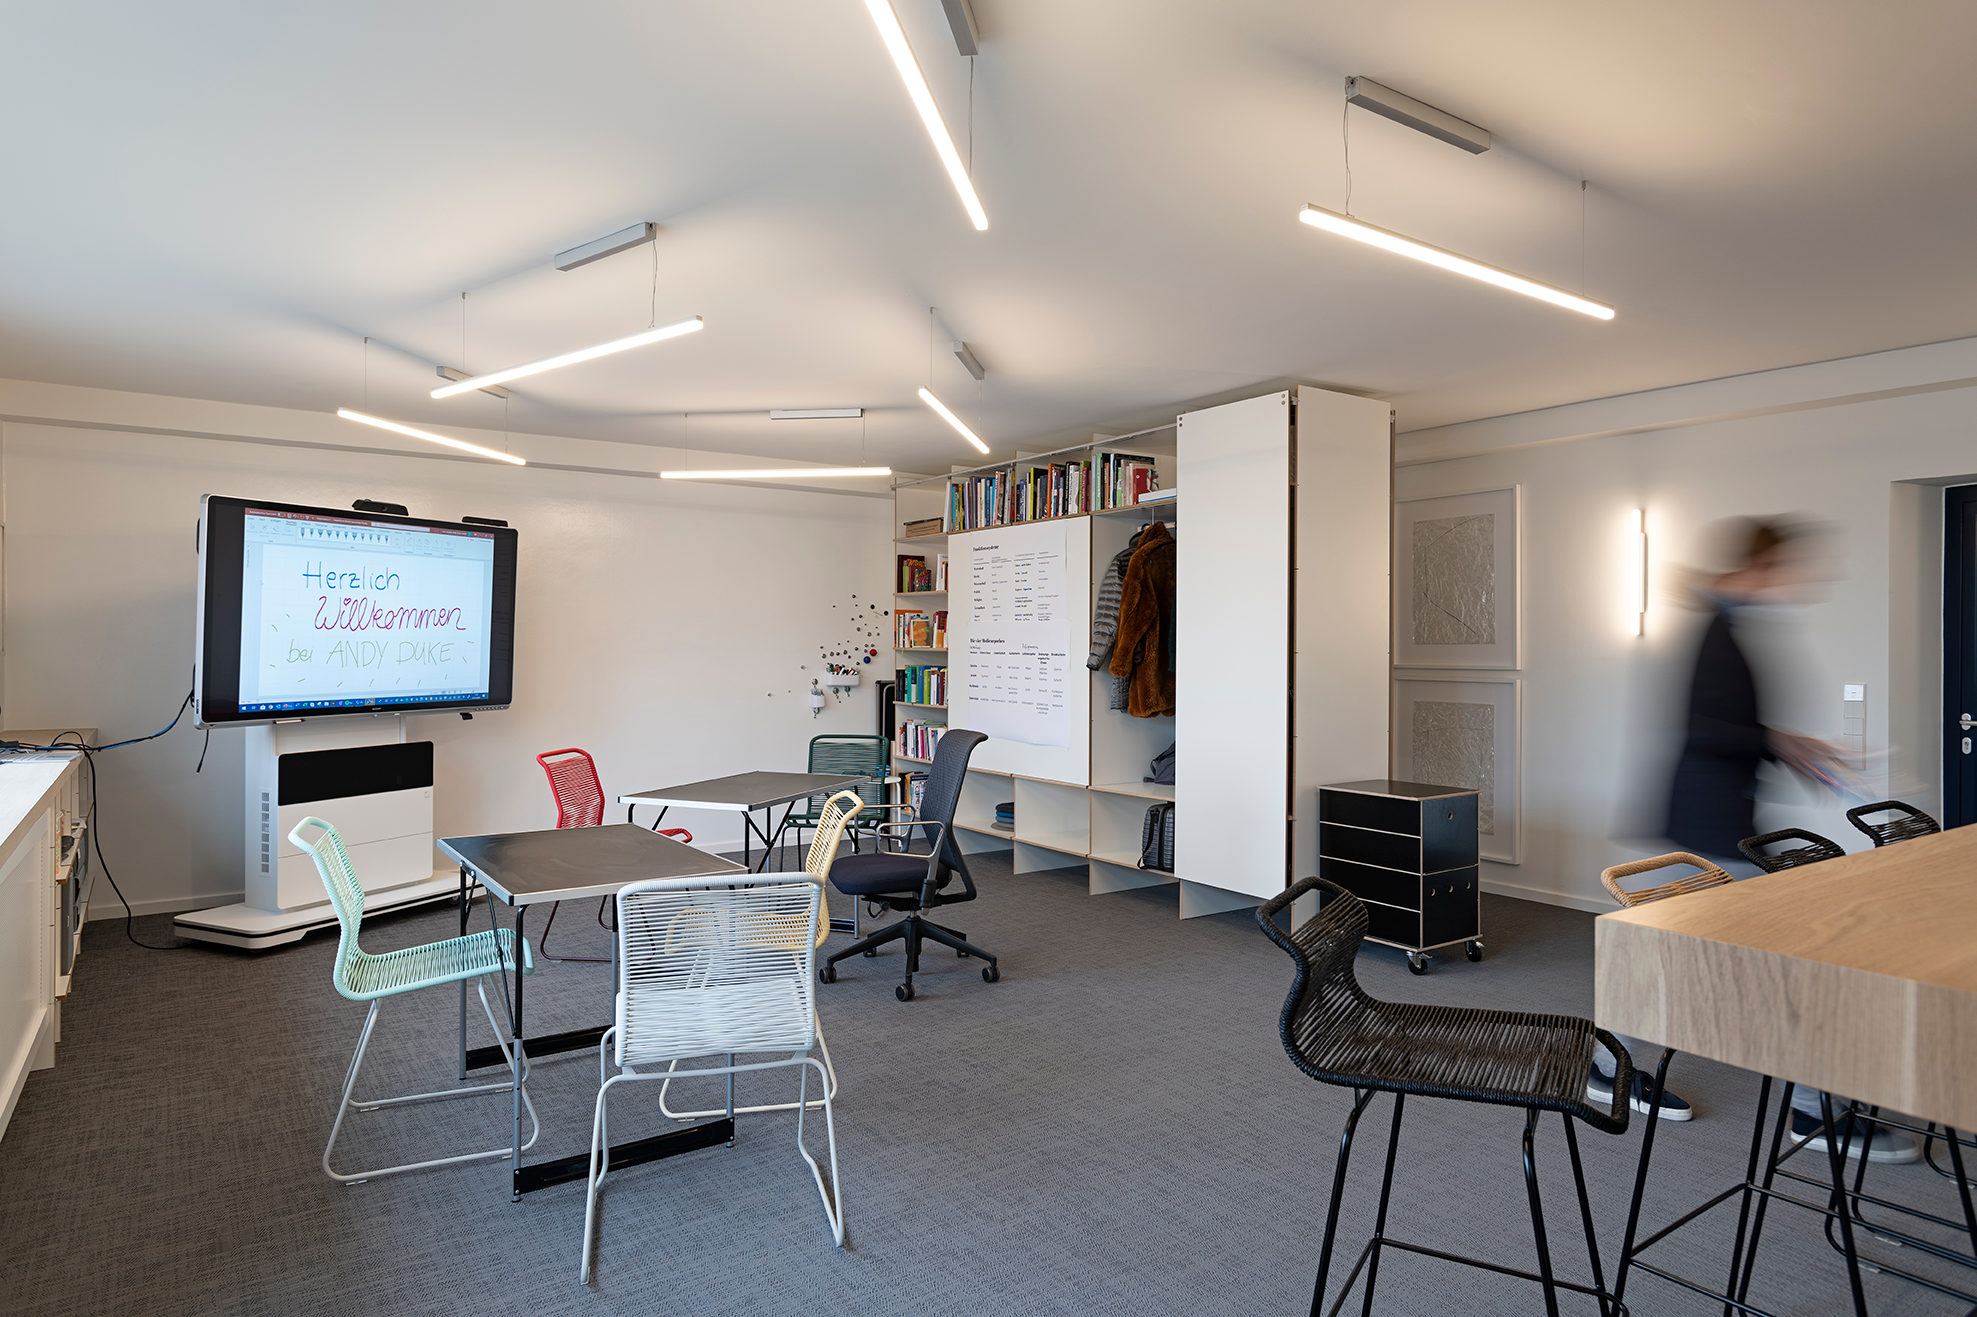 Agiles Arbeiten, flexibel sein, digital und analog - das ist der Andy Duke Raum